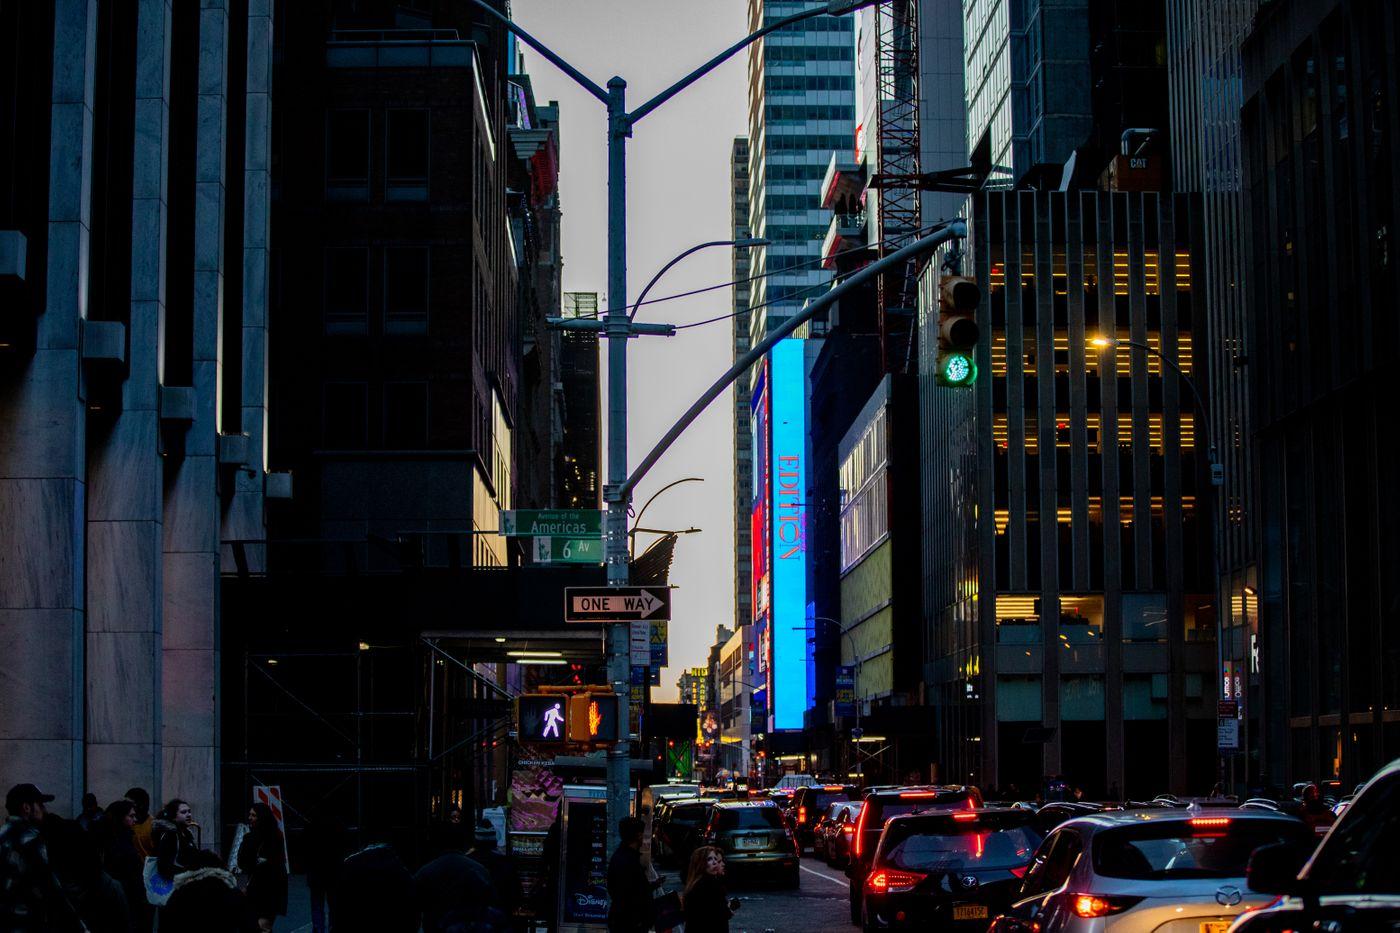 車渋滞で並ぶブレーキランプ(ニューヨーク)の写真